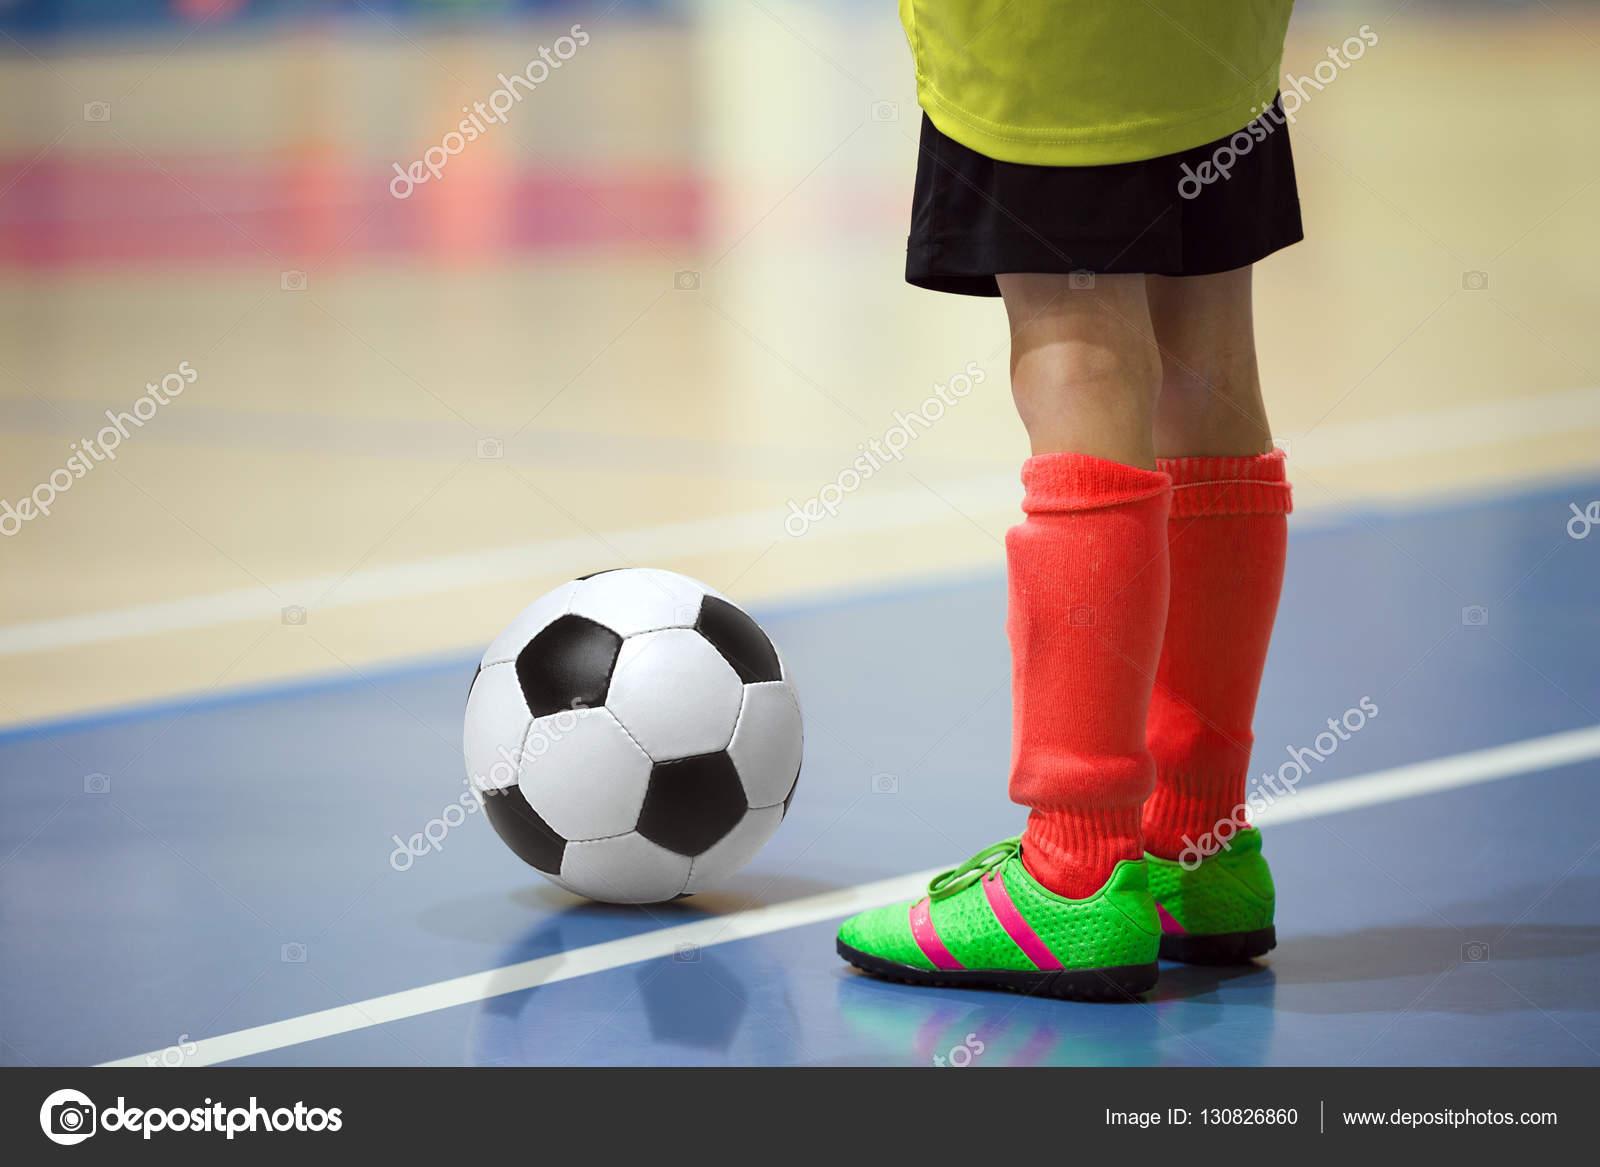 3965670d64f92 Treinamento de futsal de futebol para crianças. Jovem jogador de futebol  com uma bola de